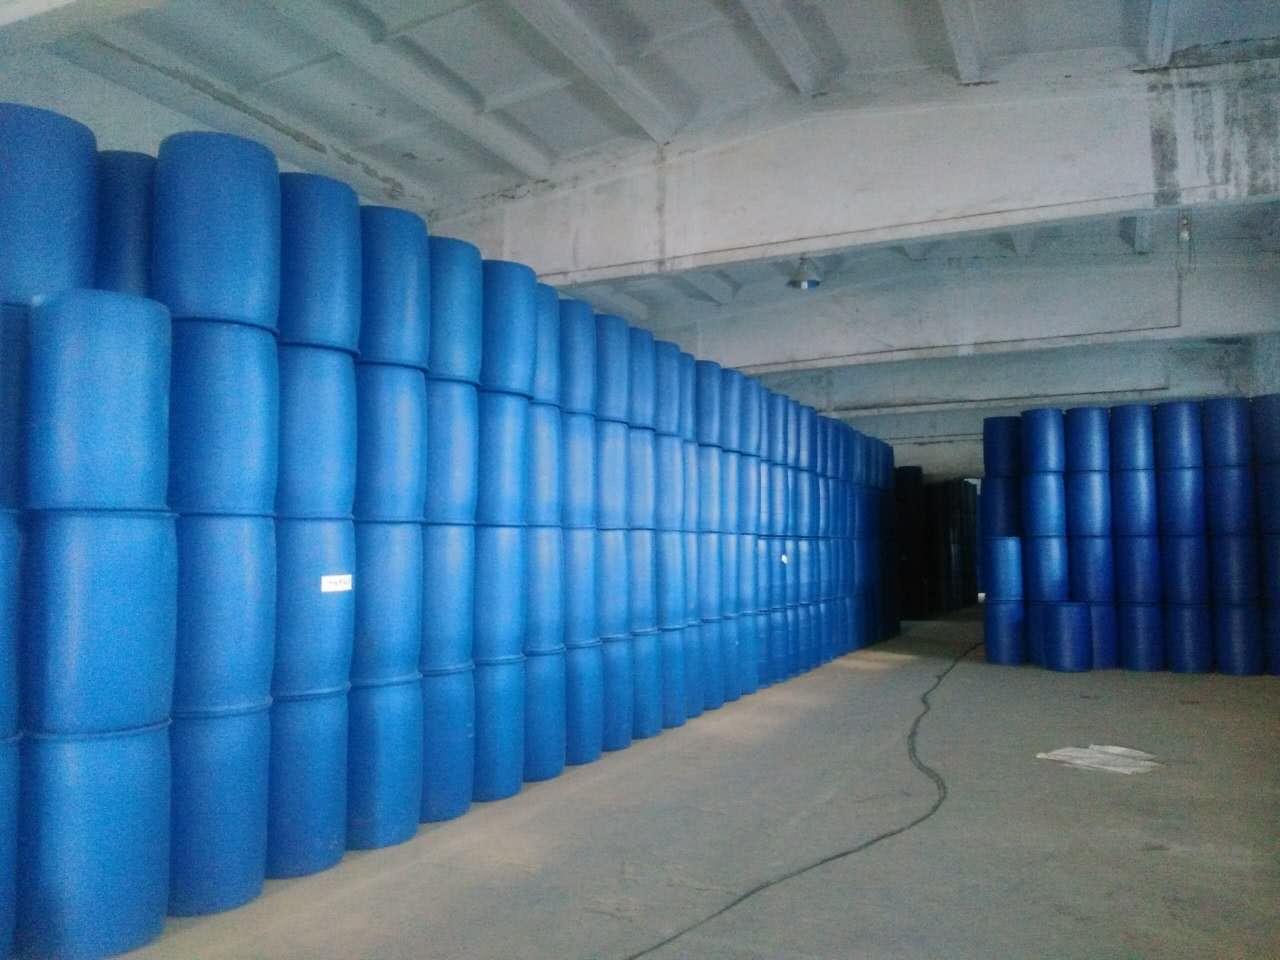 山西200L化工桶生产厂家_山西200L塑料桶厂家低价出售_山西200L塑料桶价格